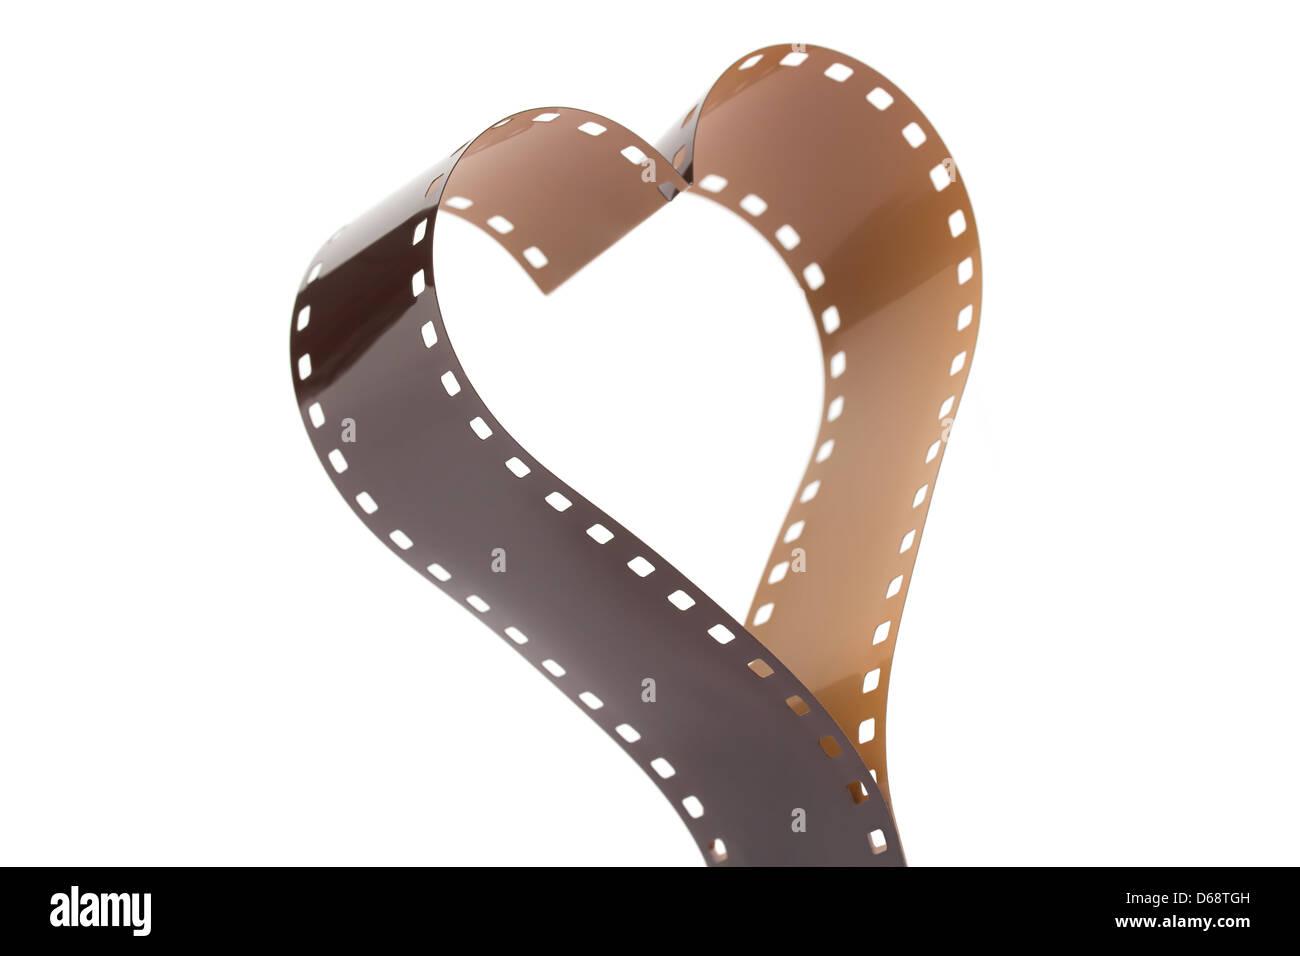 Forma di cuore realizzato a partire da una macchina fotografica da 35mm la striscia del film su bianco Immagini Stock